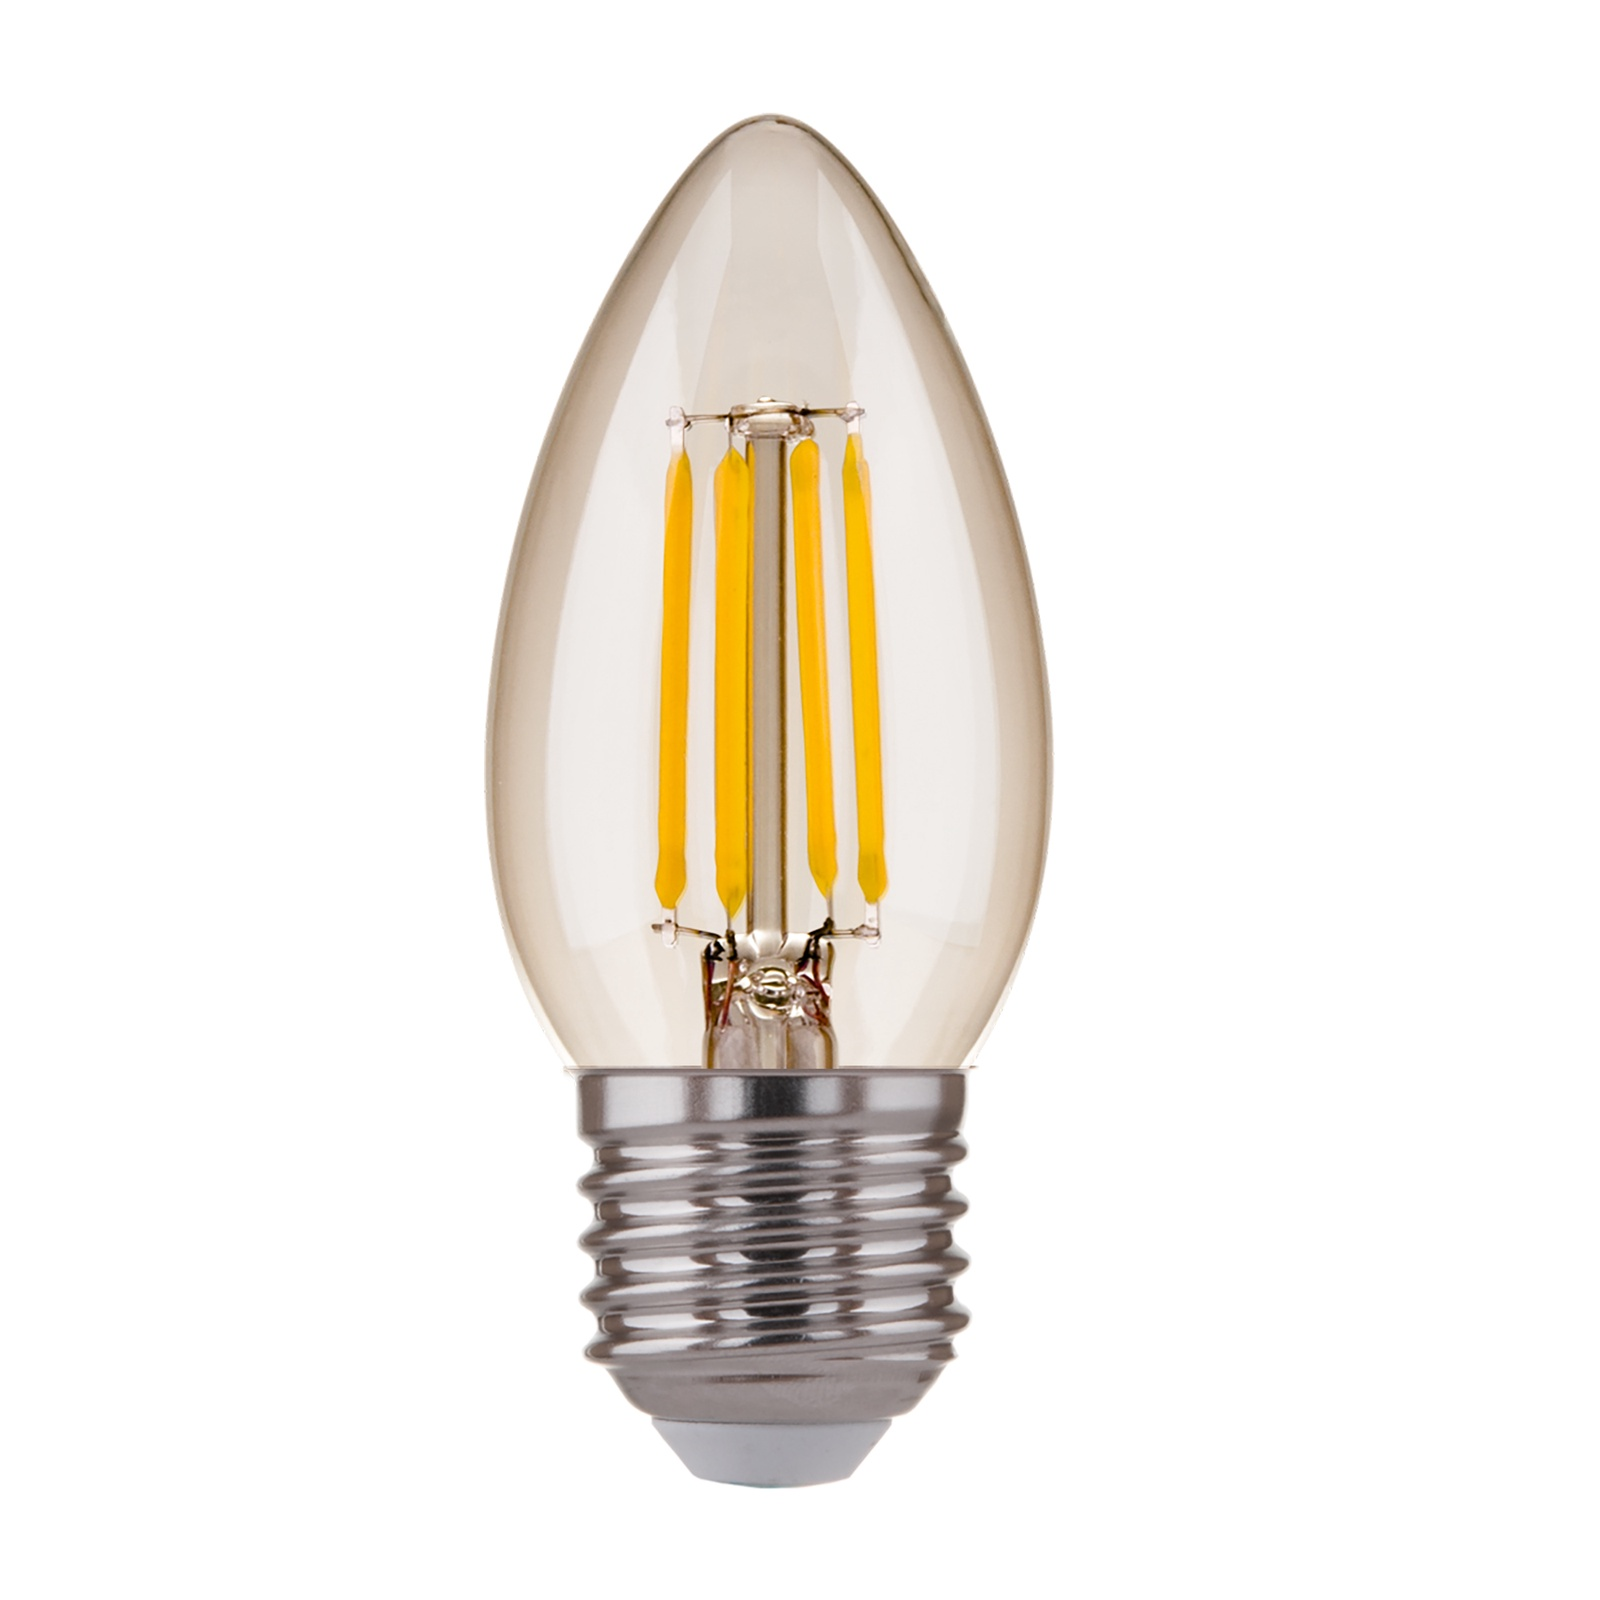 Лампочка Elektrostandard светодиодная Свеча CD F 7W 4200K E27, Нейтральный свет 7 Вт, Светодиодная лампы светодиодная elektrostandard classic led d 7w 4200k e27